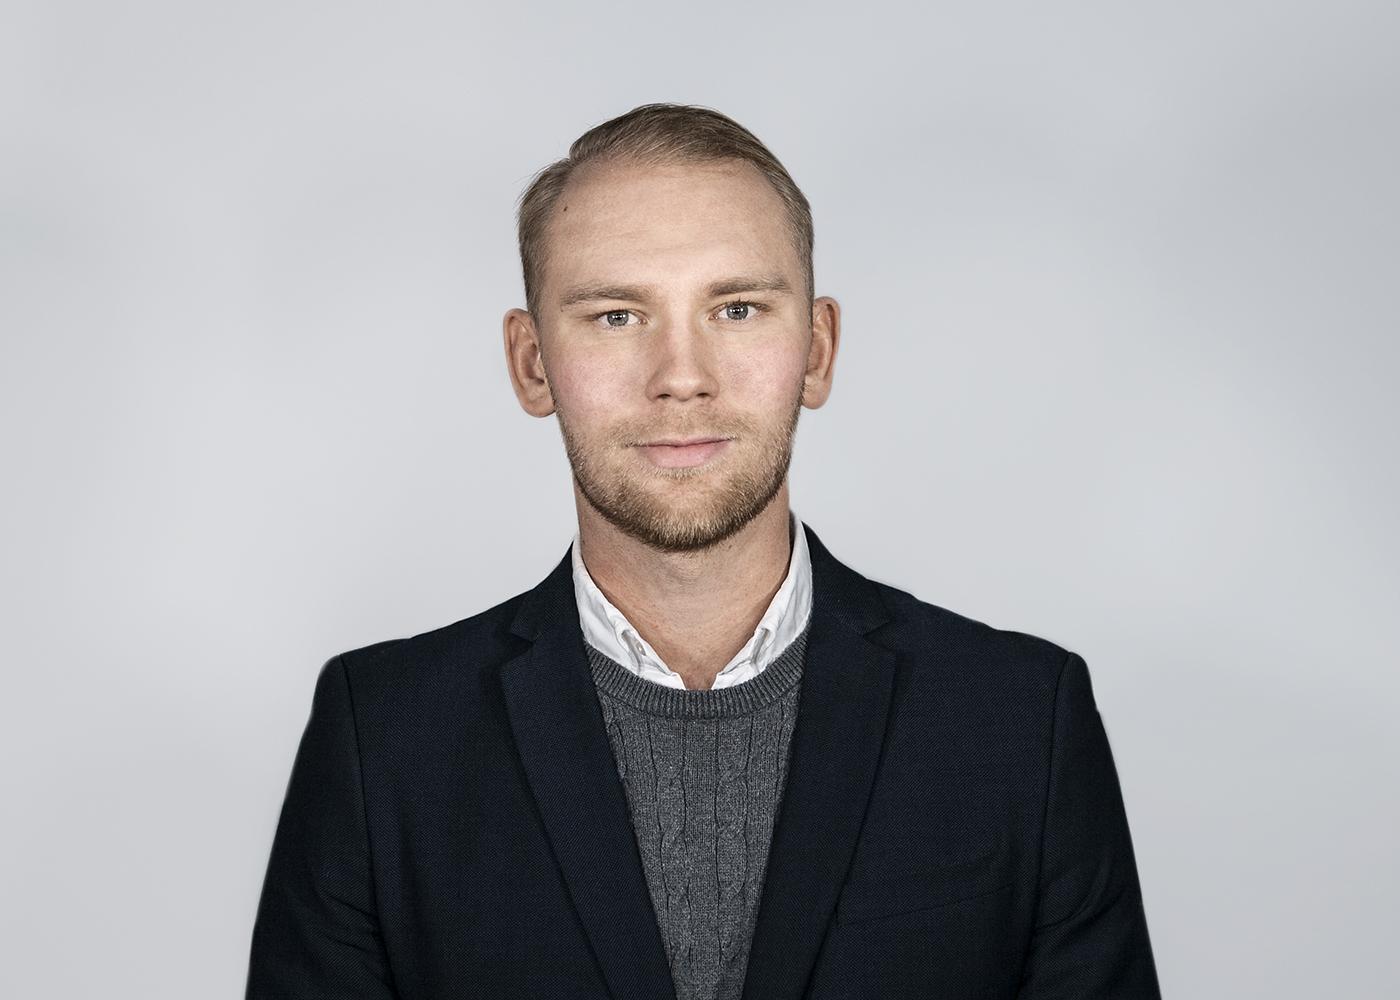 Fredric Gustavsson på Medlink